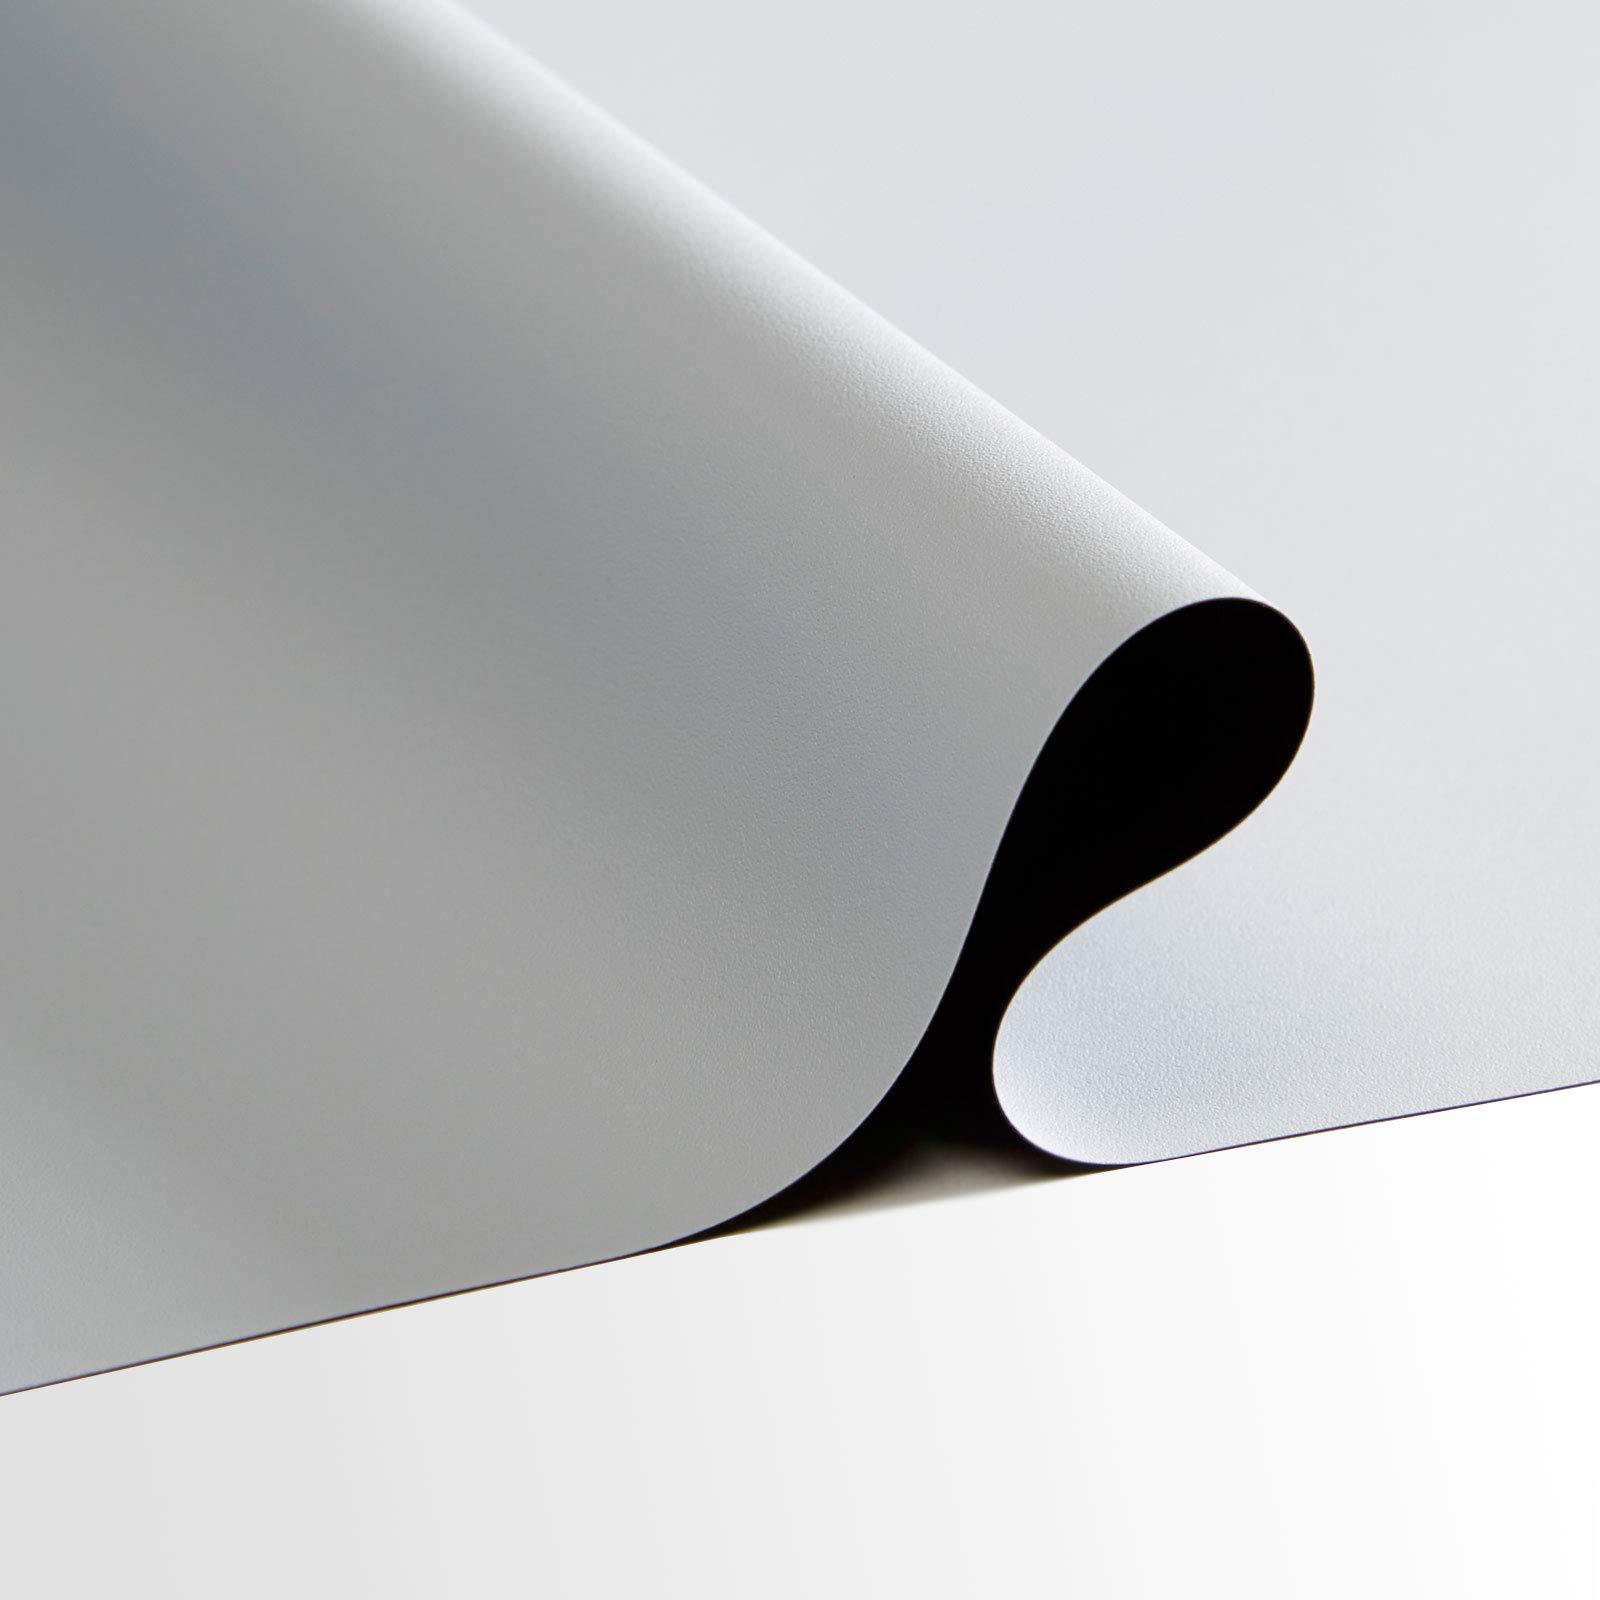 Carl de flexigray, Material de pantalla para proyector alto ...